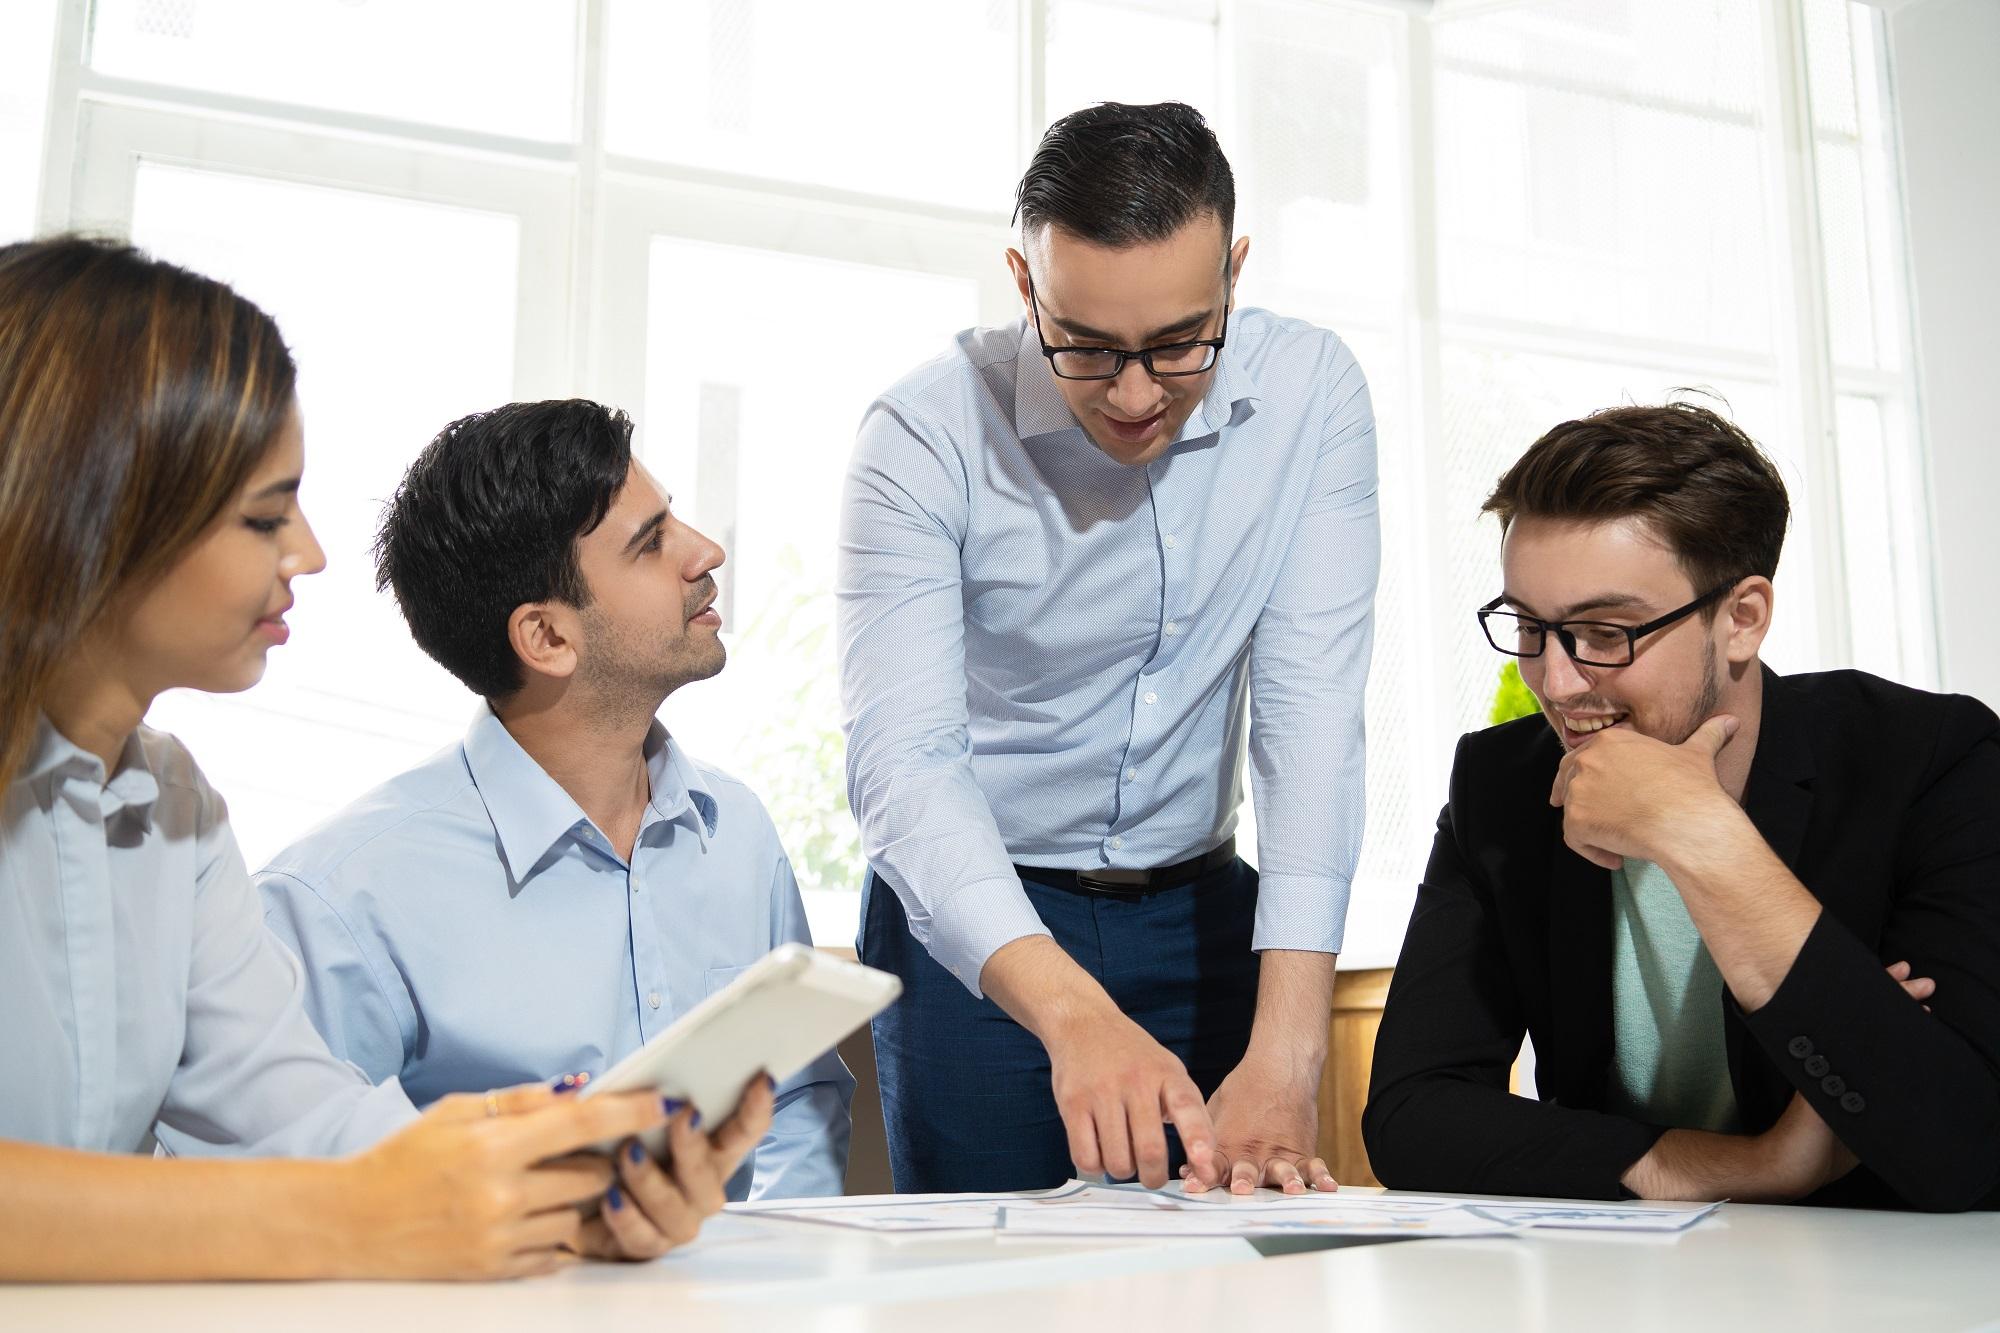 L'importanza della leadership in azienda